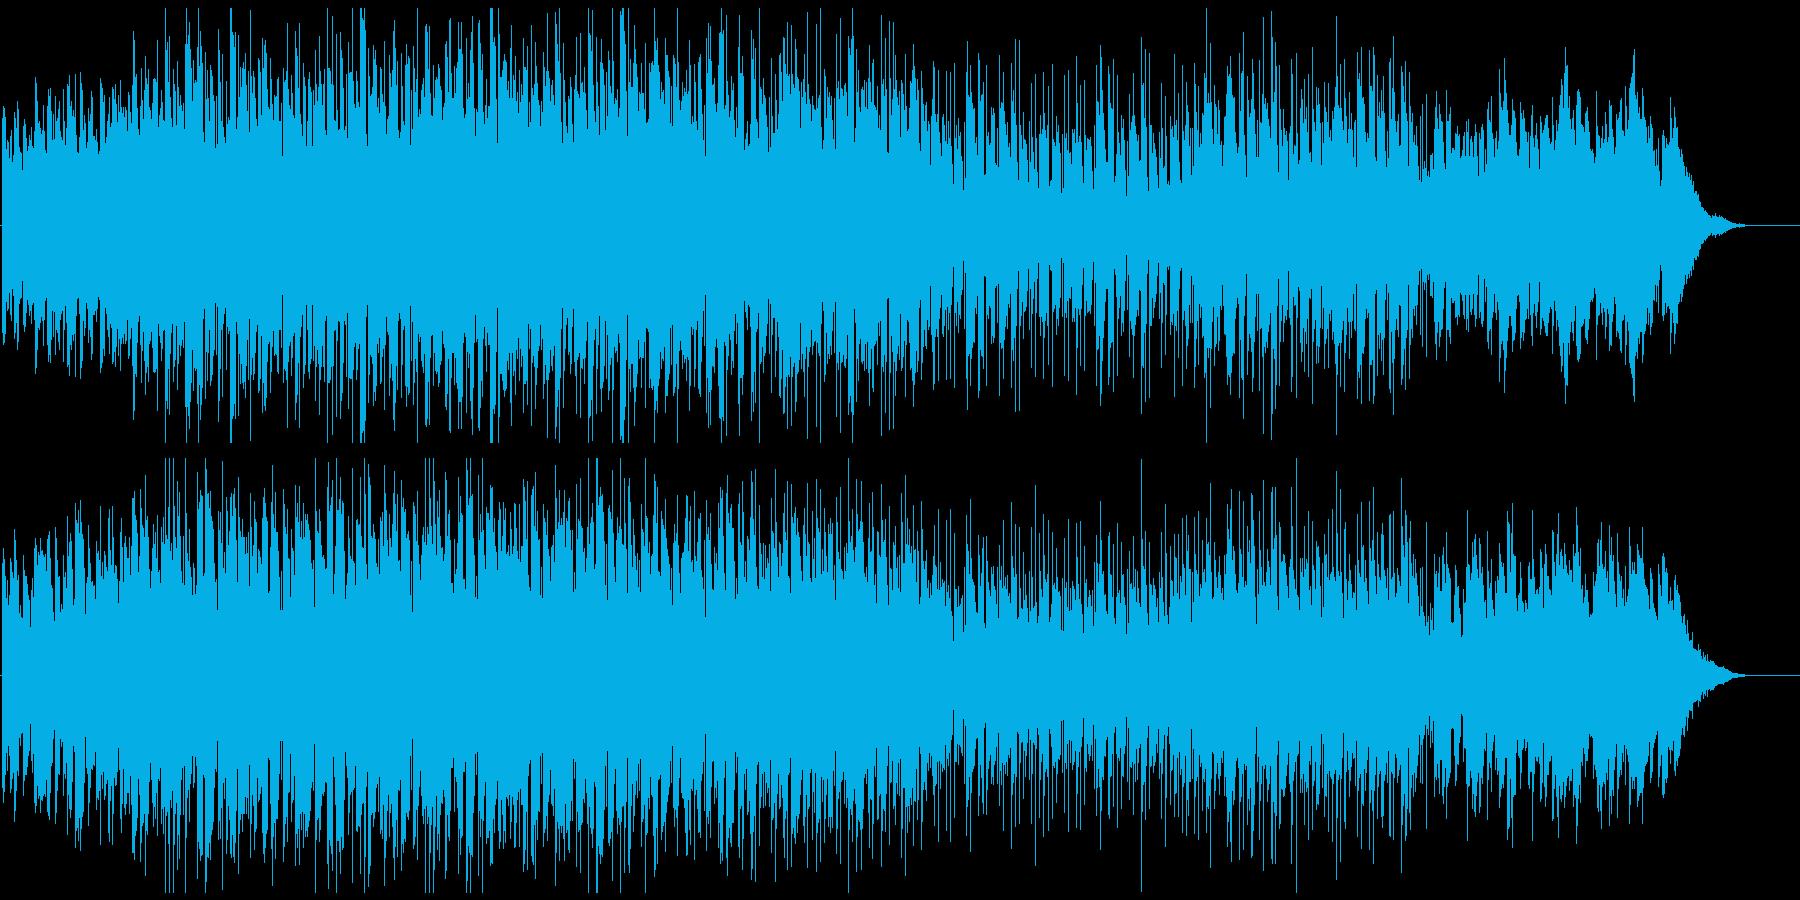 ナイトライフ映像におしゃれで感動的ポップの再生済みの波形